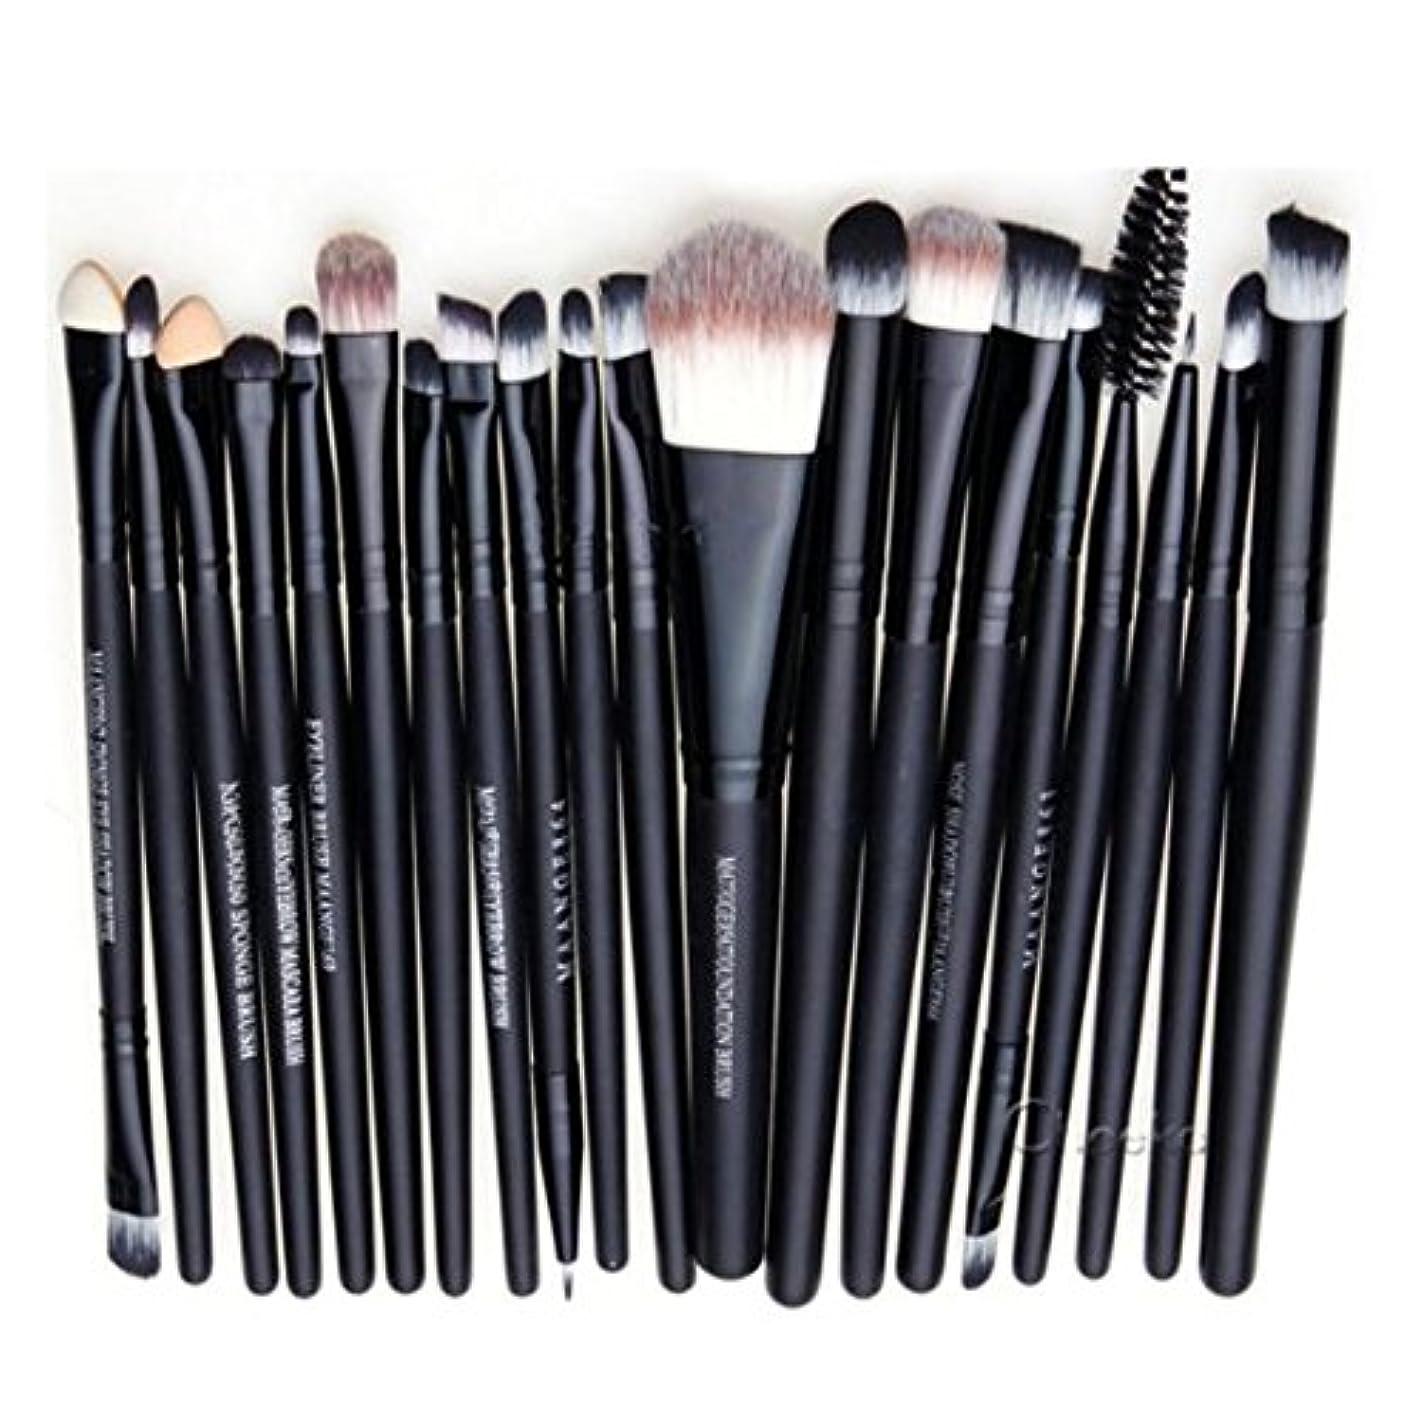 マインド美的こっそりDoitsa プロメイクアップブラシ メイクブラシセット 化粧筆 ツール 高級メイクブラシ 化粧ブラシ ファンデーションブラシ コンシーラー 多機能 アイシャドウブラシ 20本セット 黒